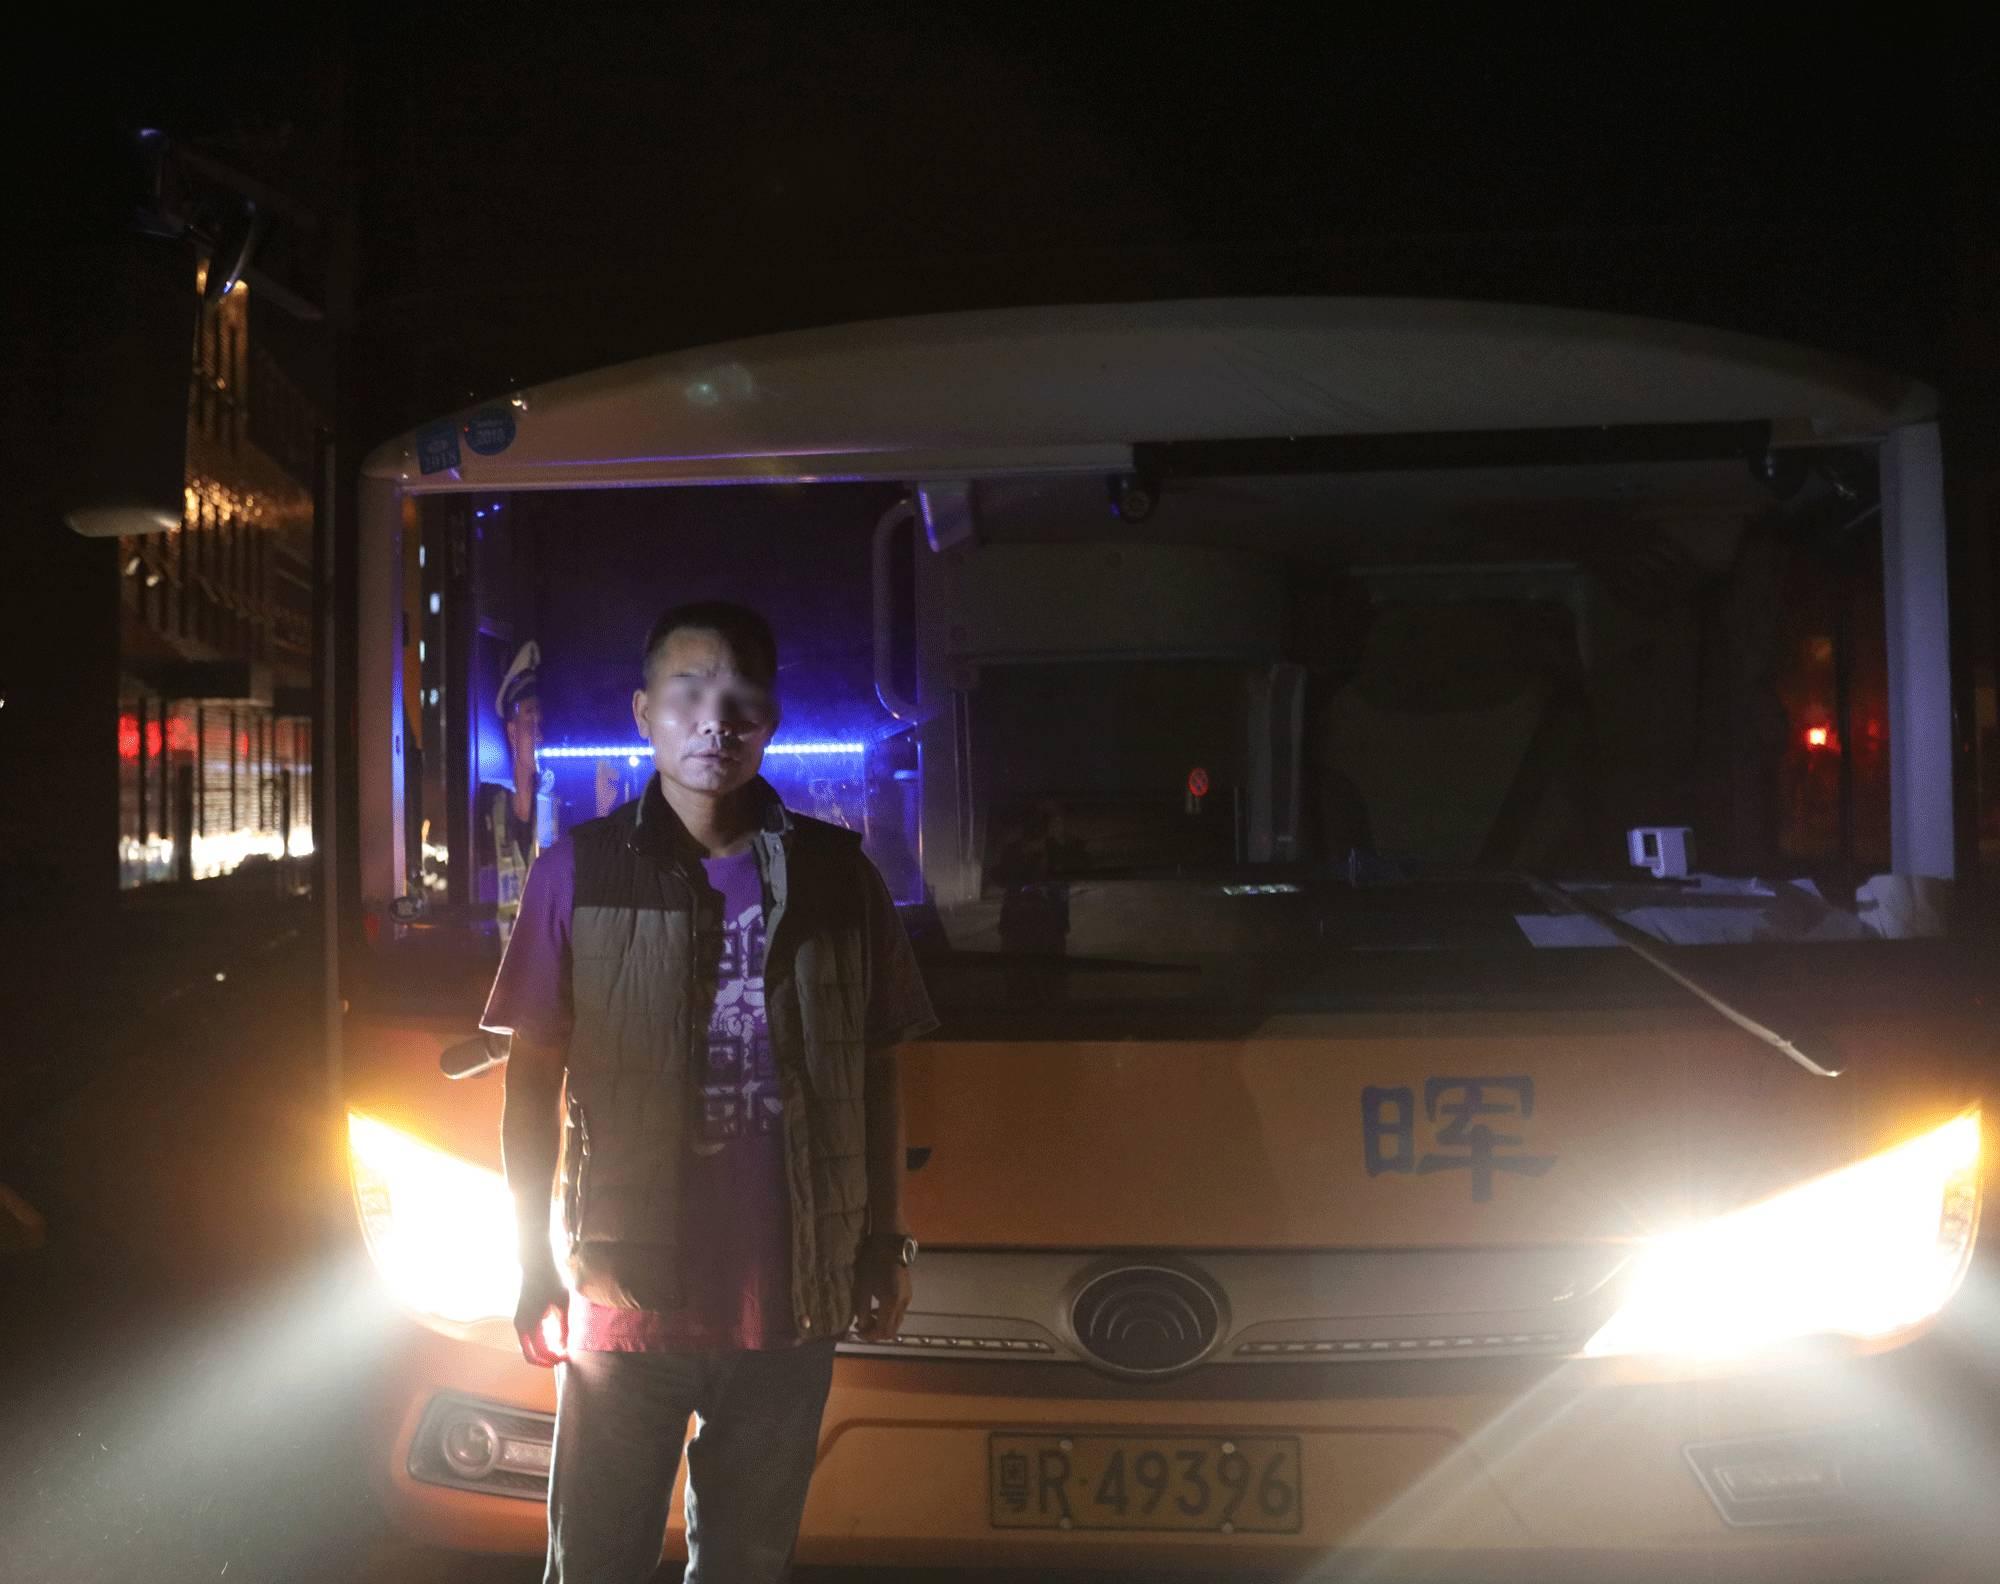 928名驾驶人在郴州高速因该交通违法被处罚记分